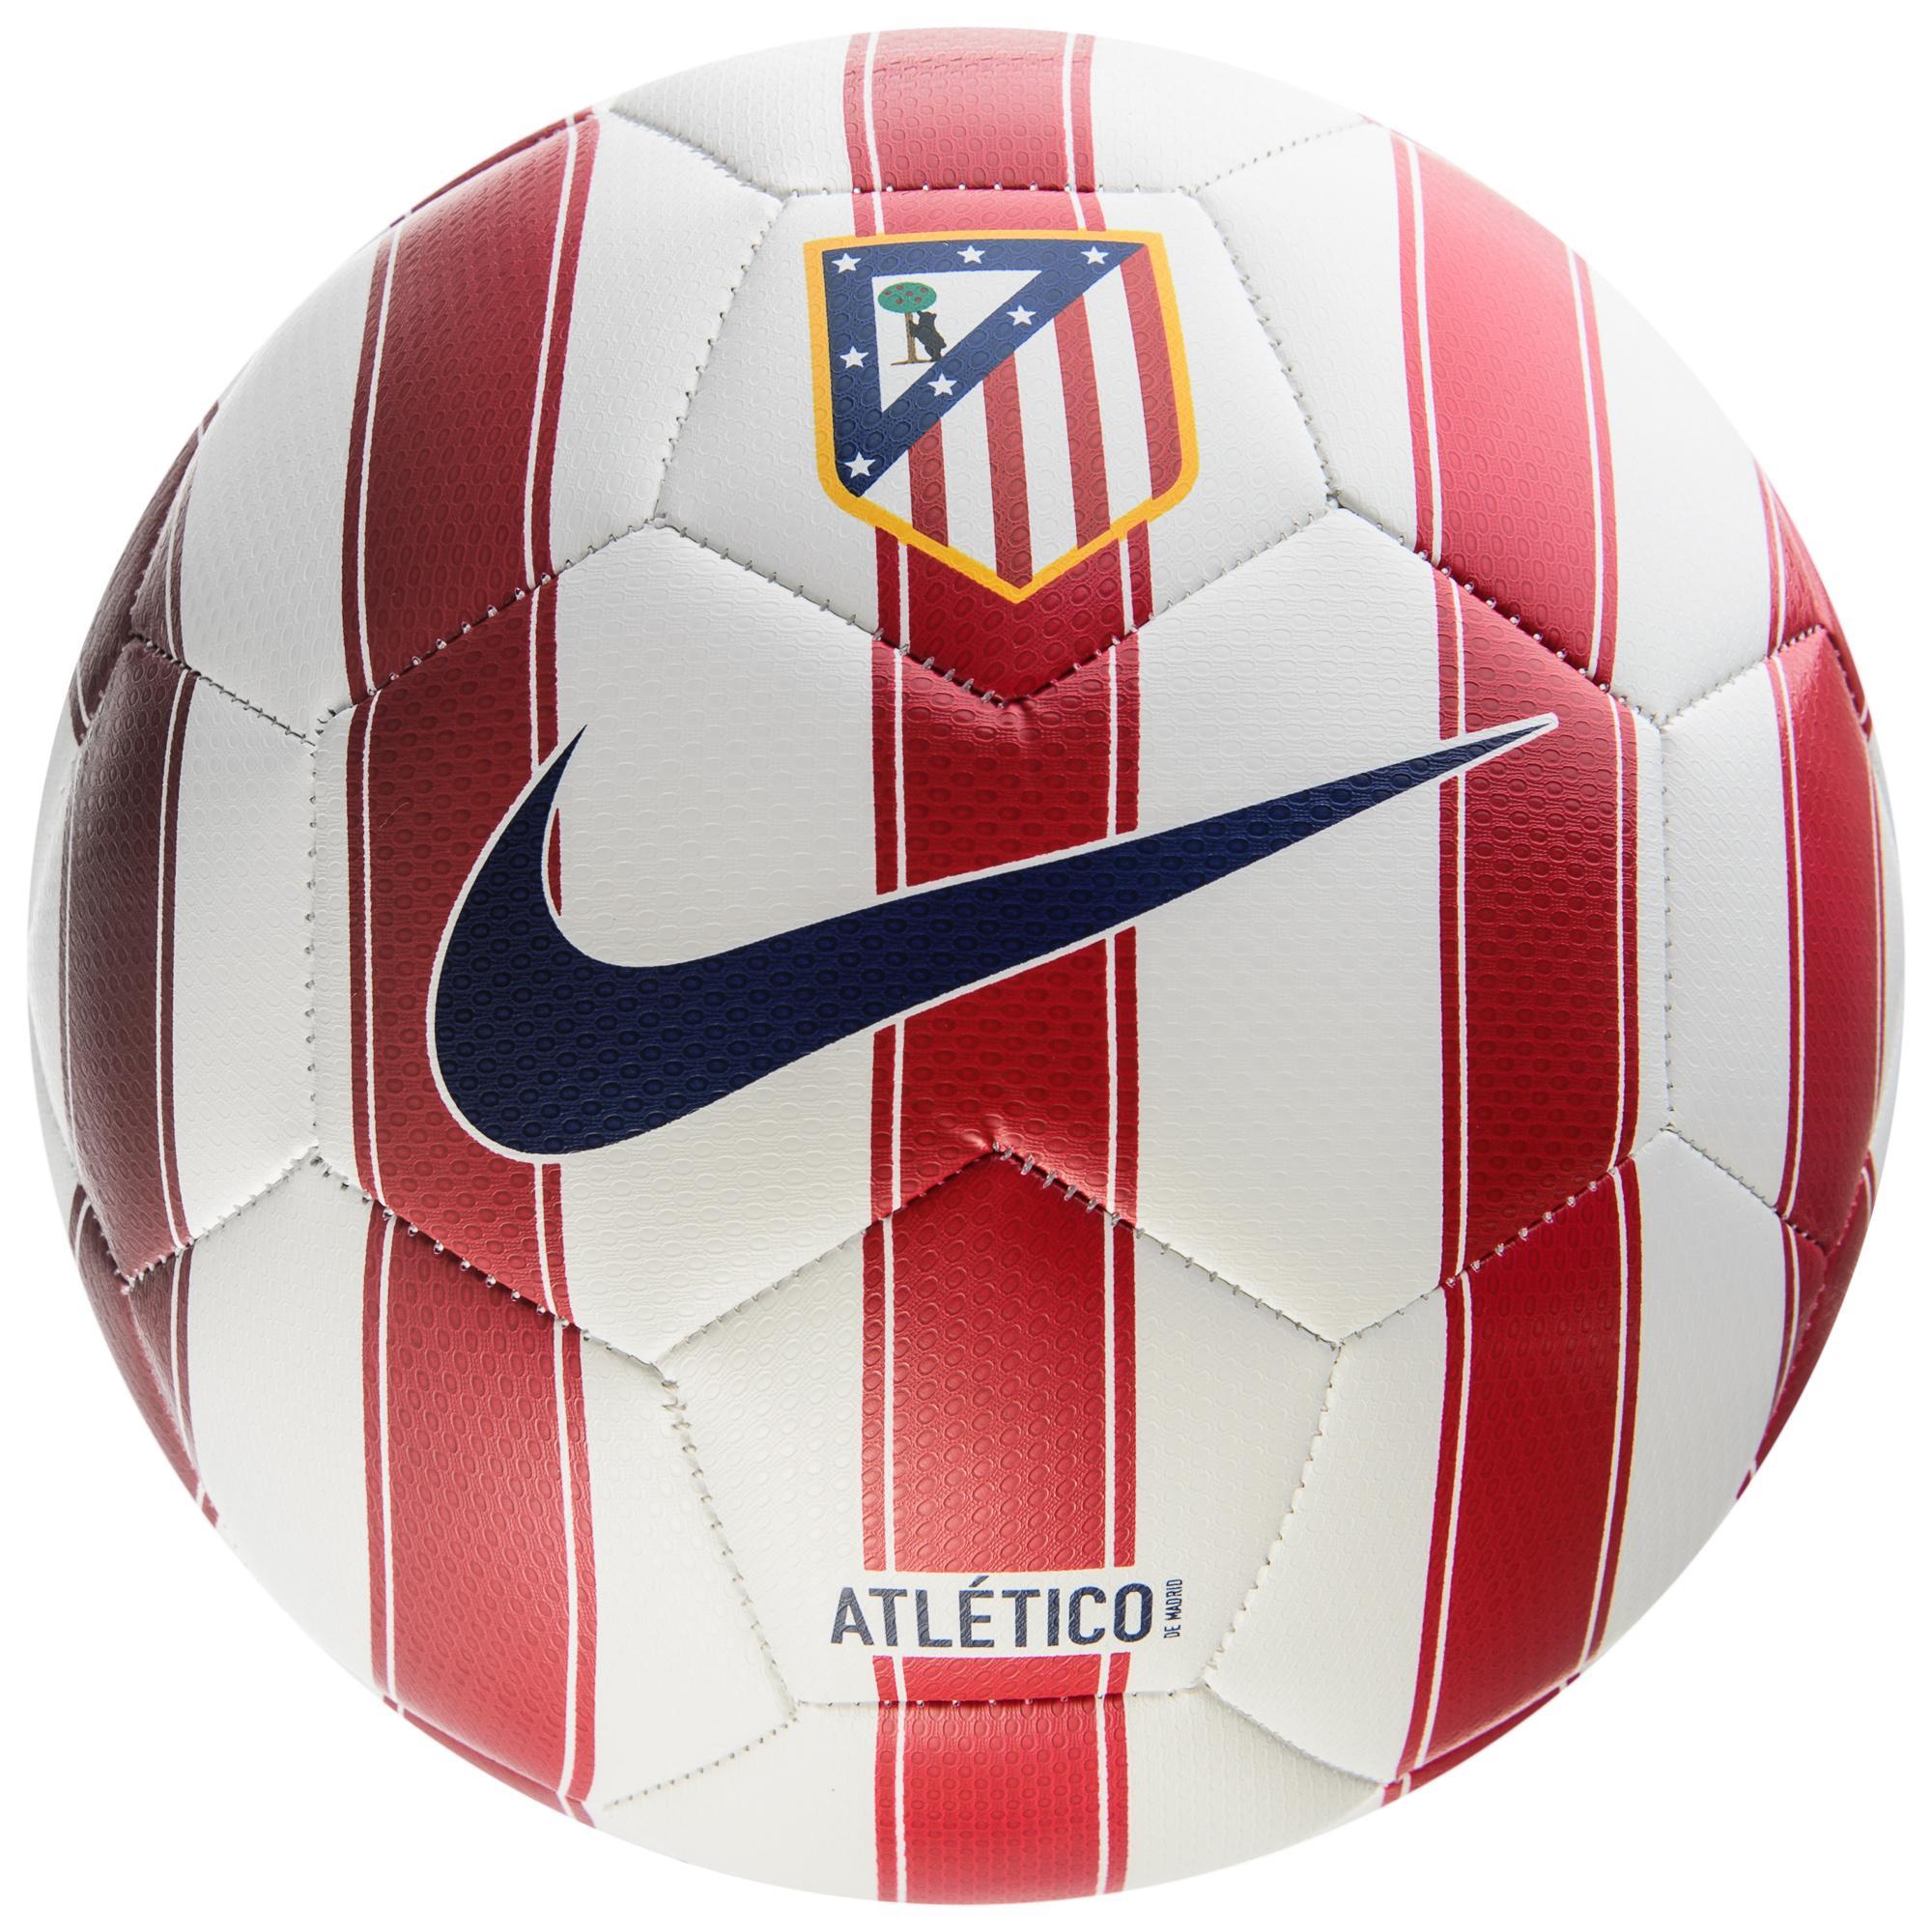 Atletico Madrid Fotboll Prestige Vit/Röd/Blå